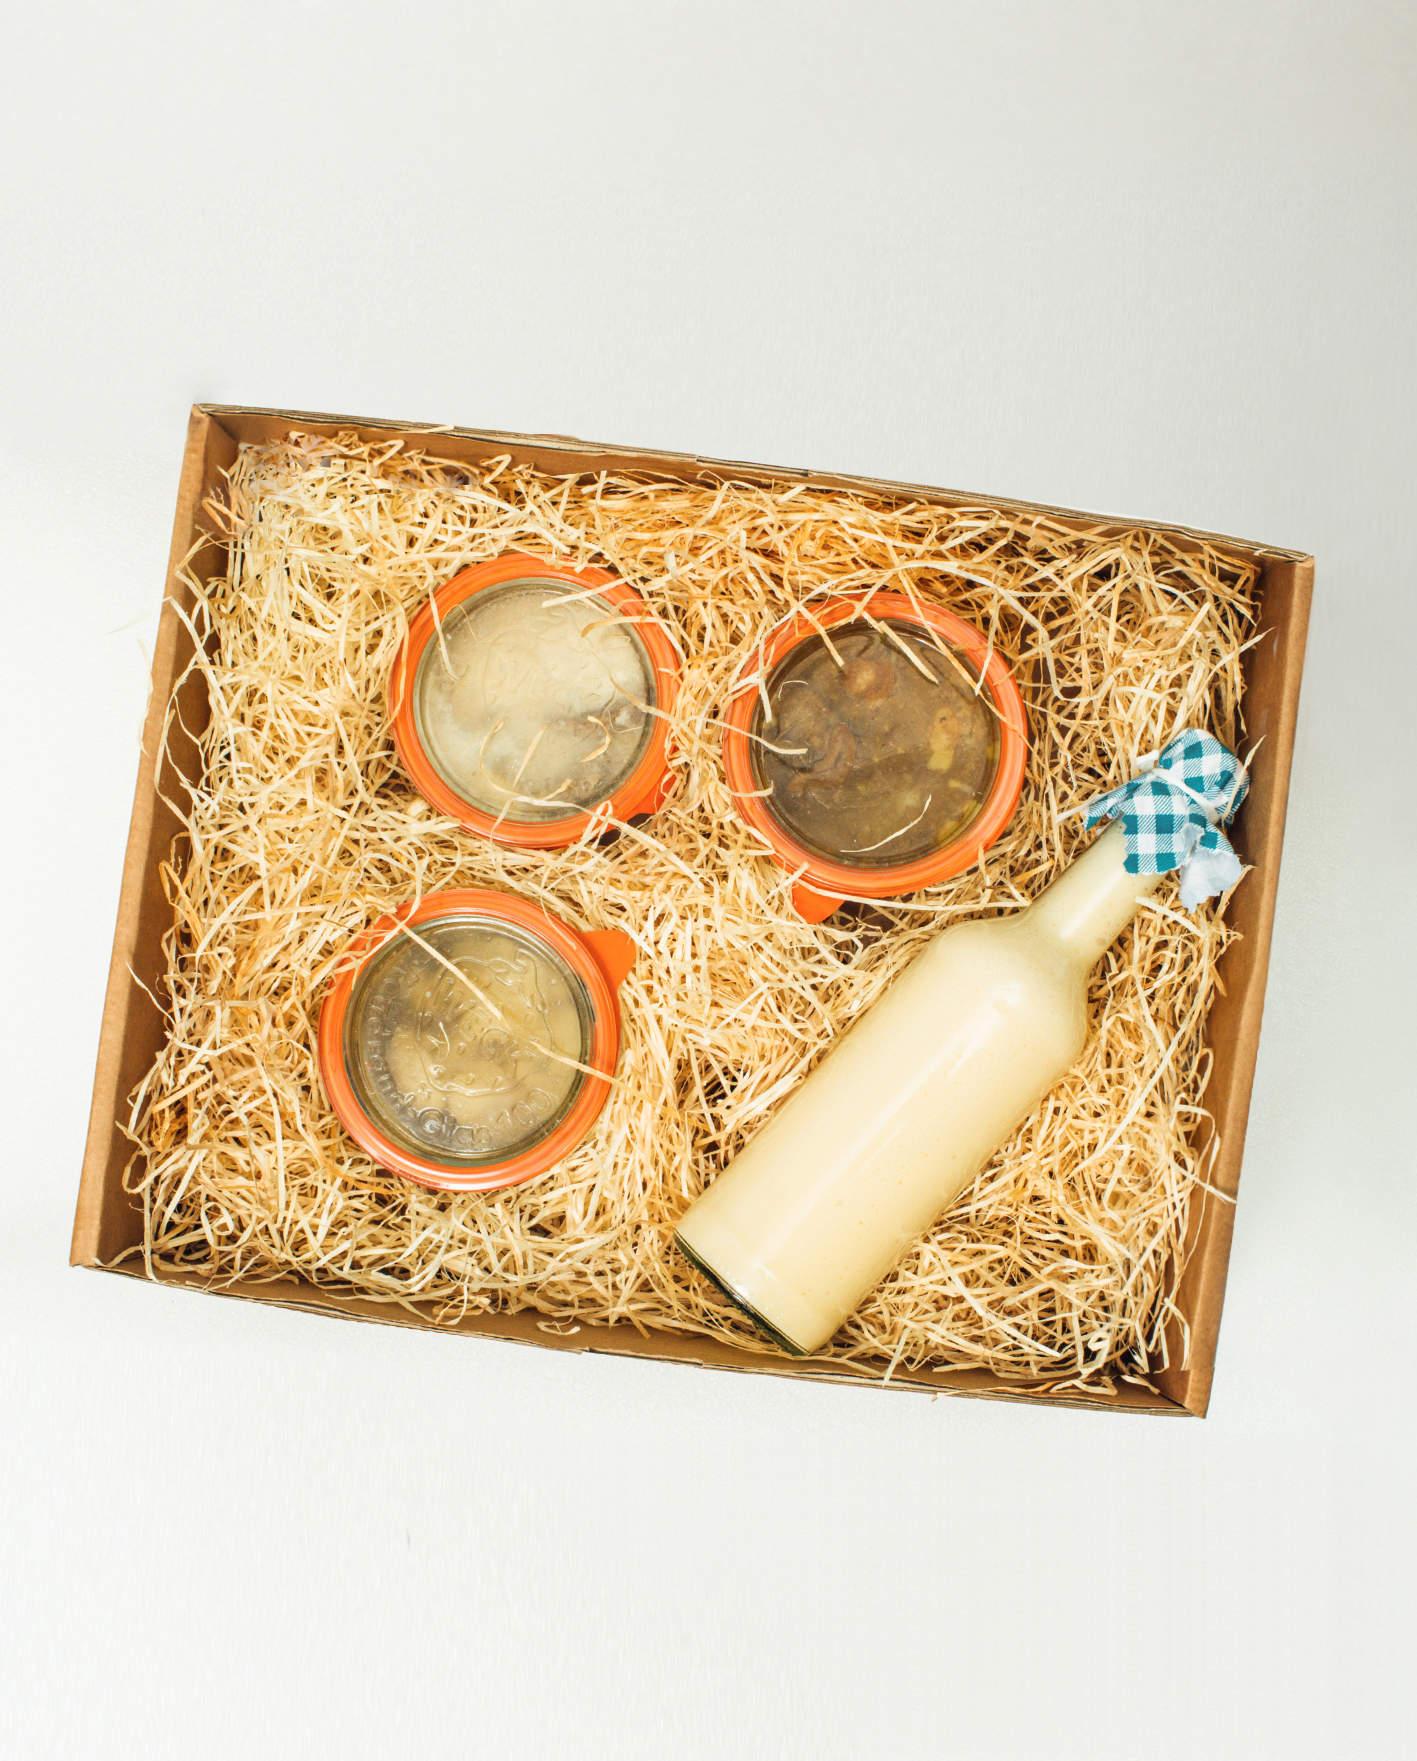 Wurst und Hausmannskost in einer Box zum Verschenken an Weihnachten für Oma oder Opa